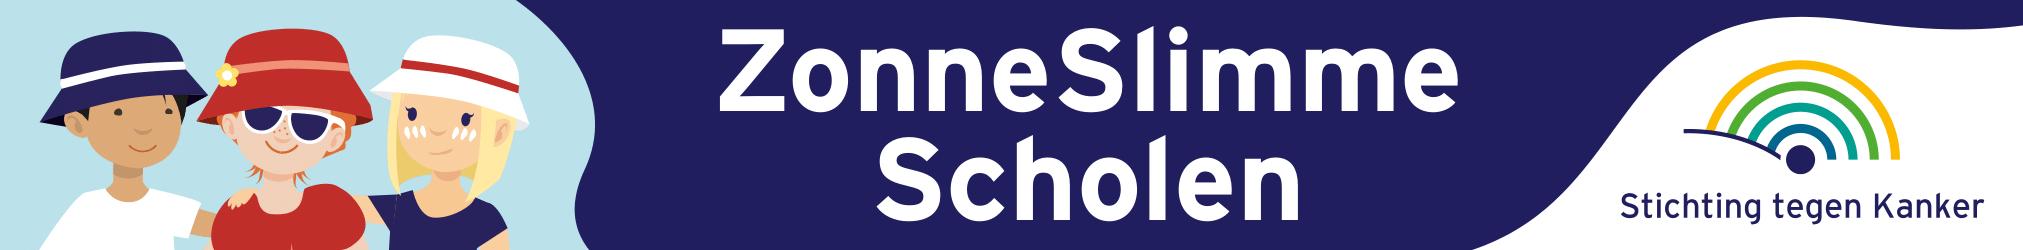 ZonneSlimme Scholen banner